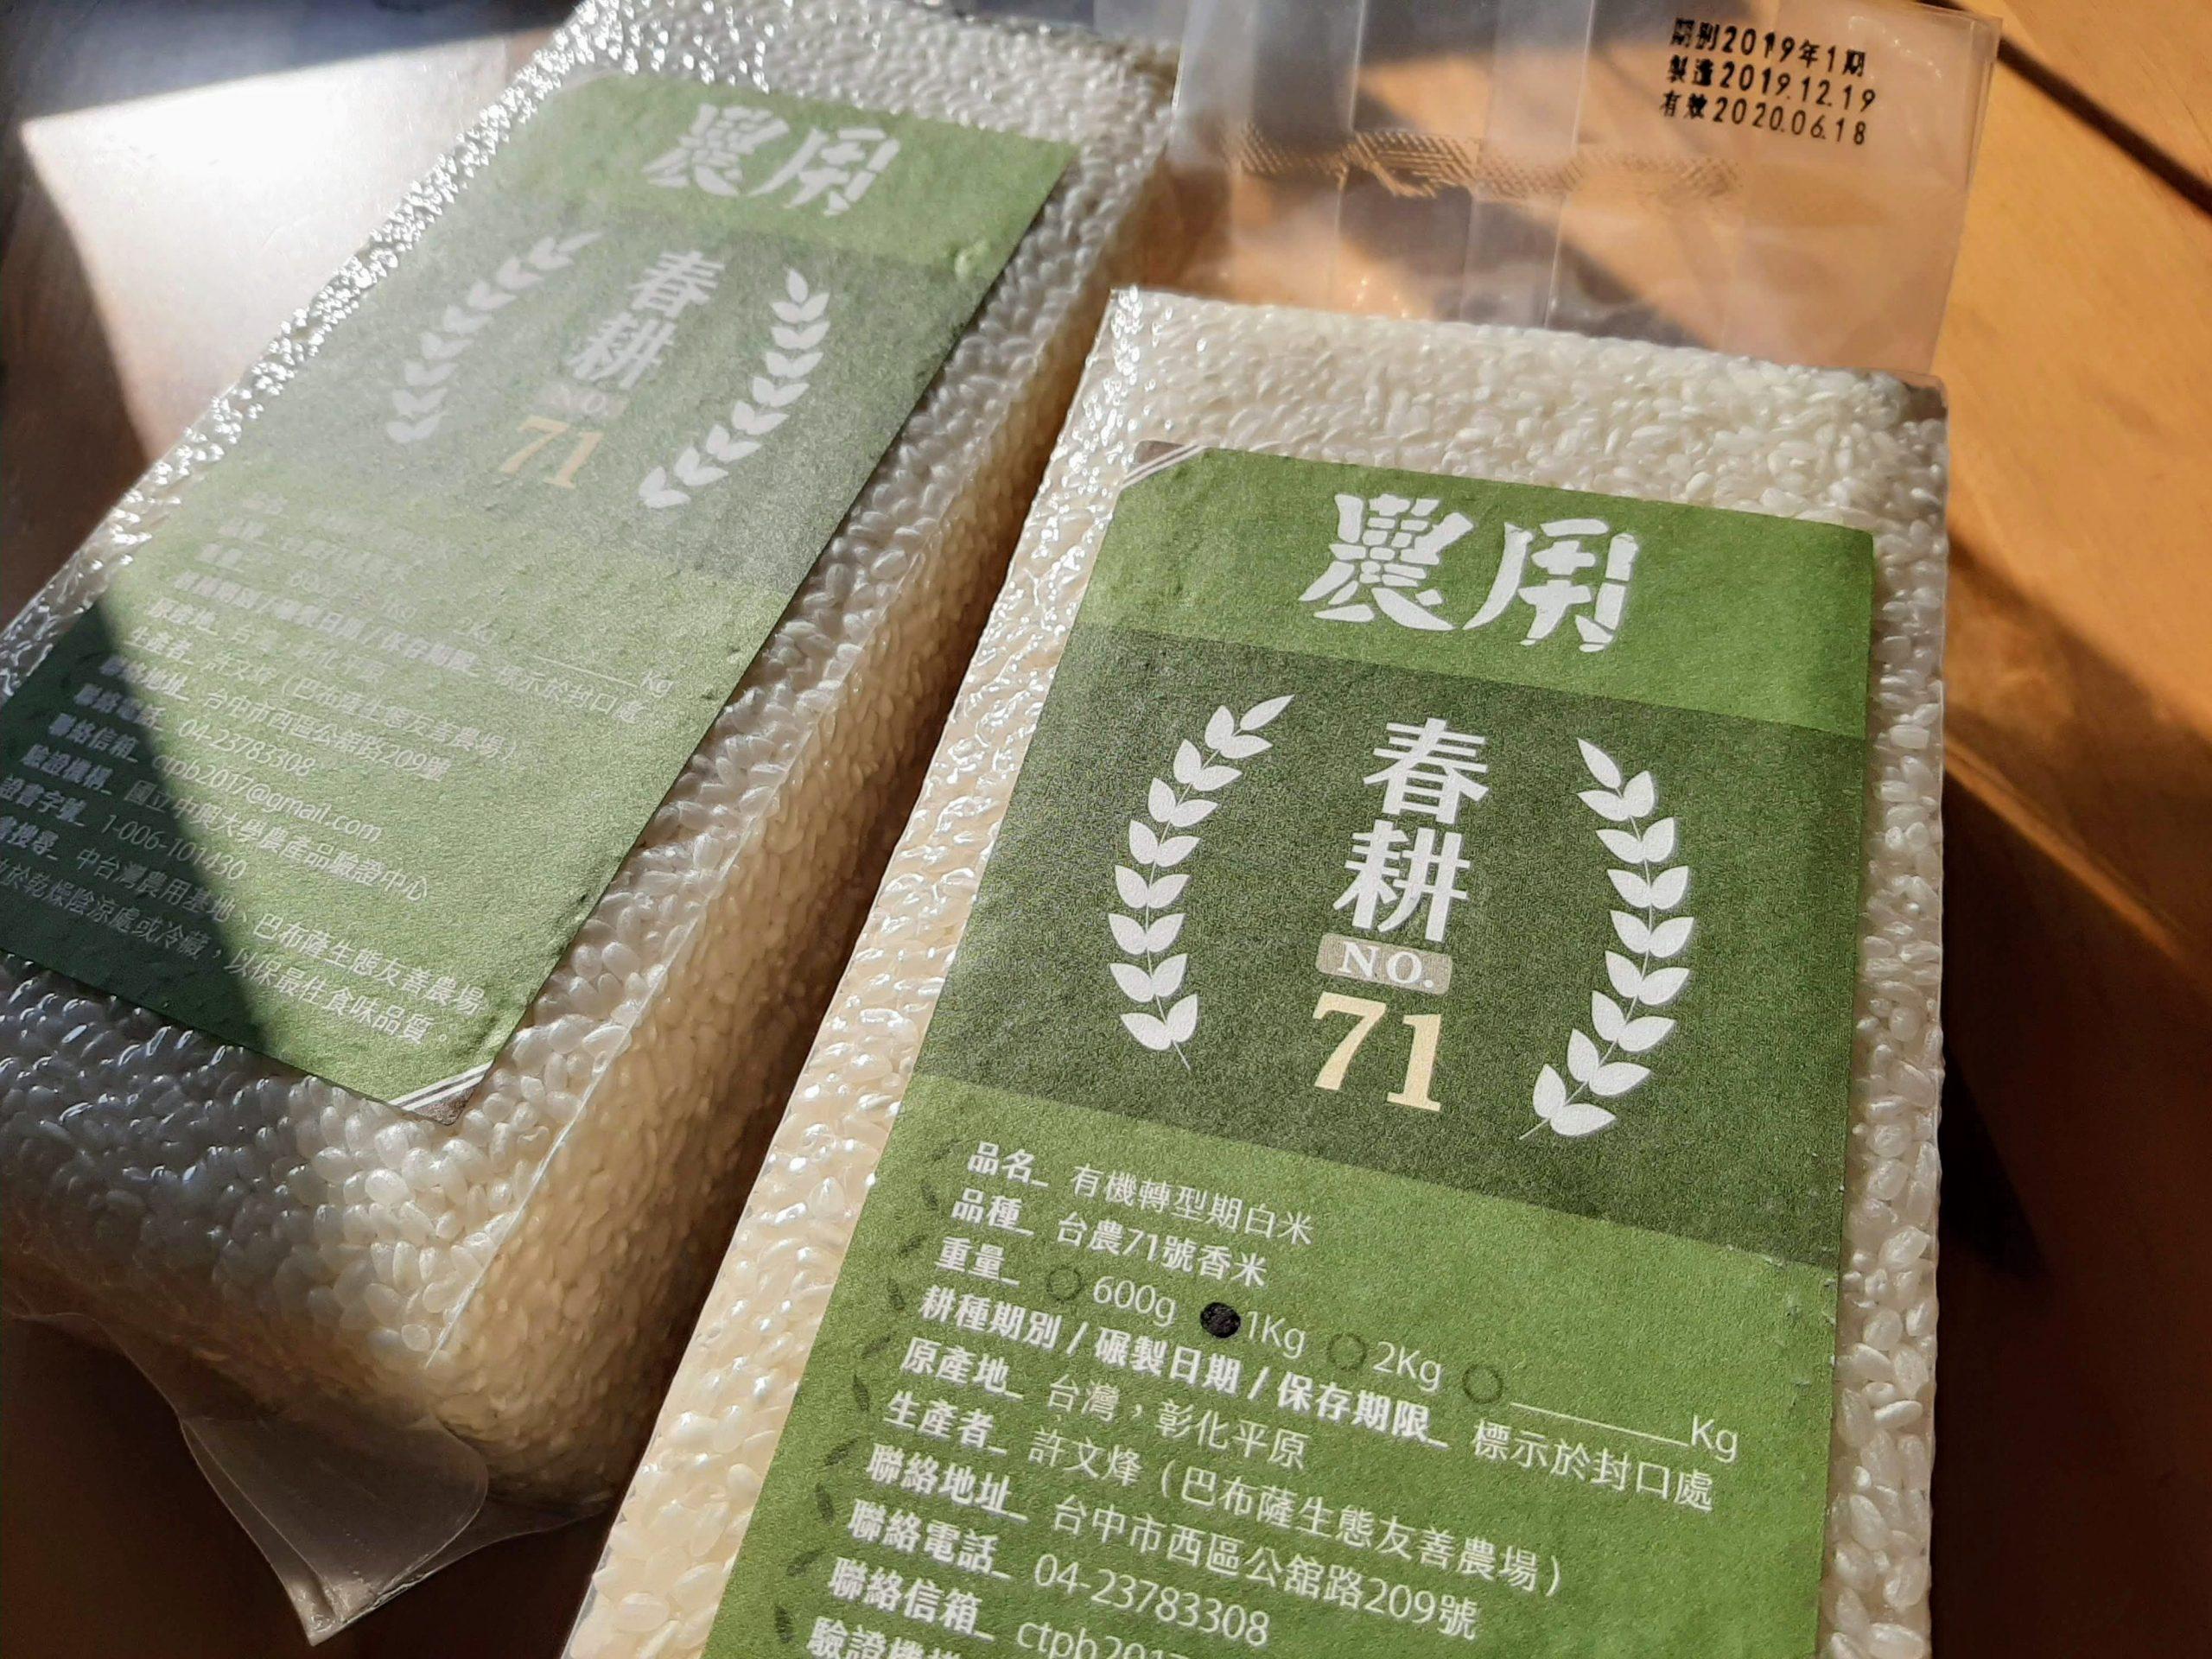 【安心食材】禾火食堂使用環境友善作物,中台灣農用基地有機轉型期稻米